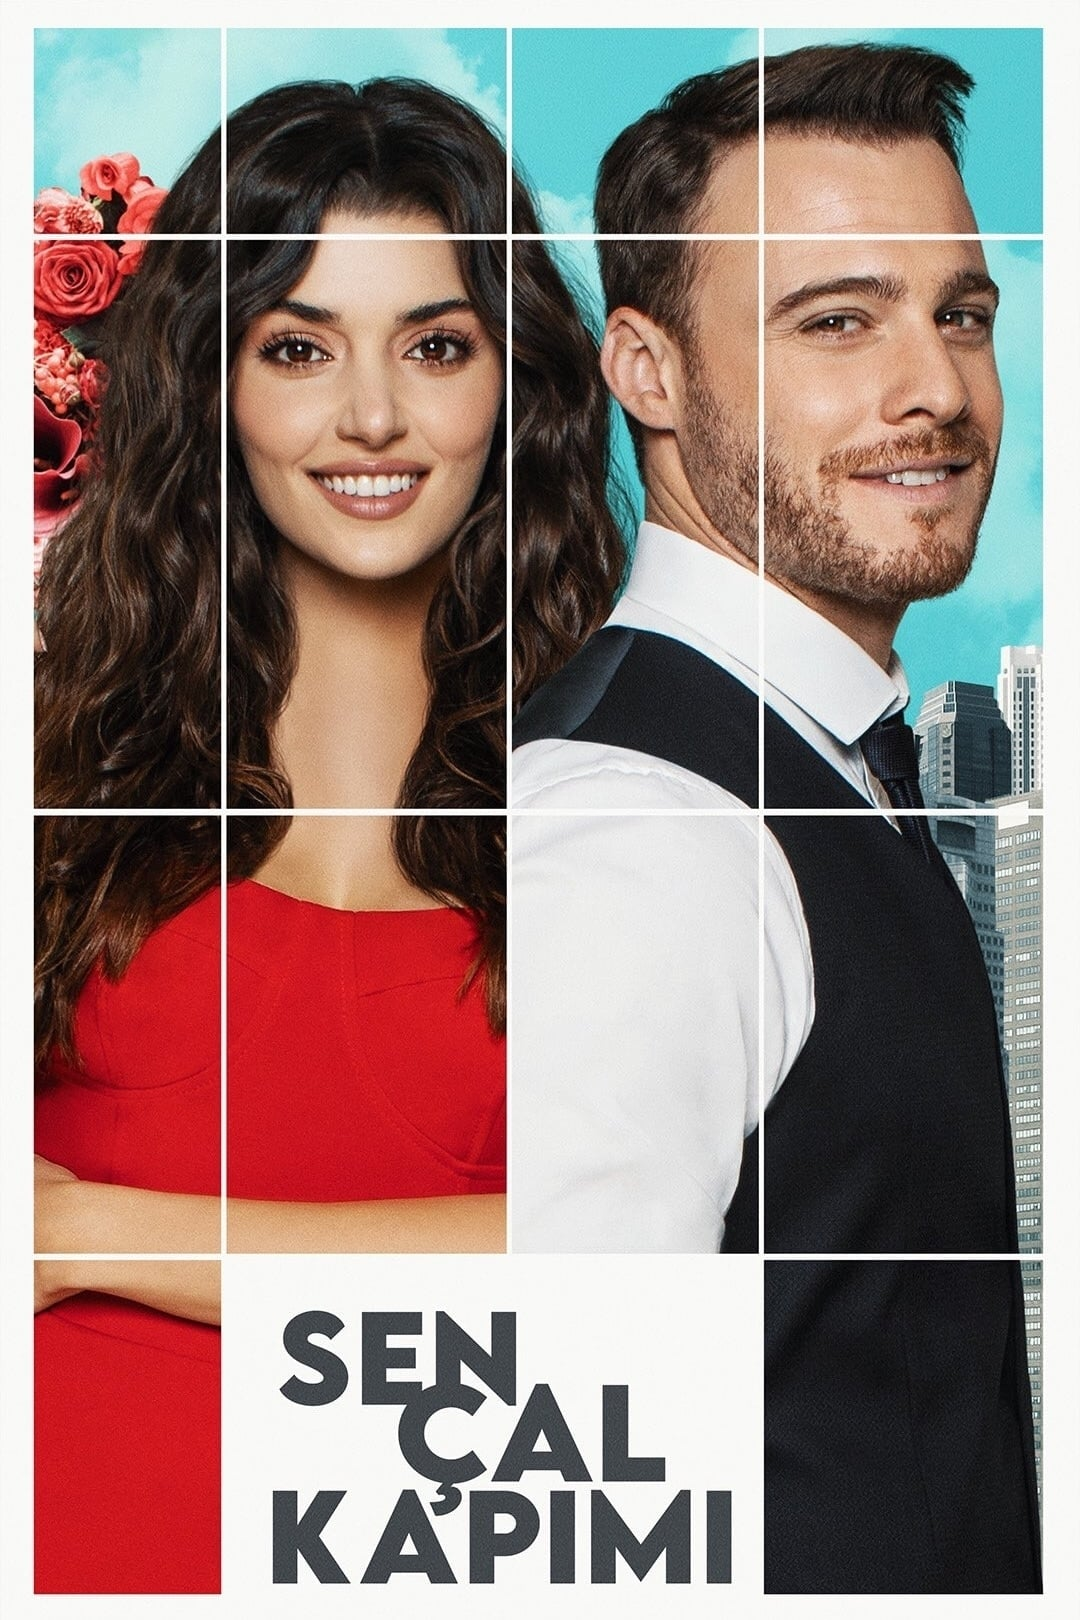 Sen Çal Kapımı Season 1